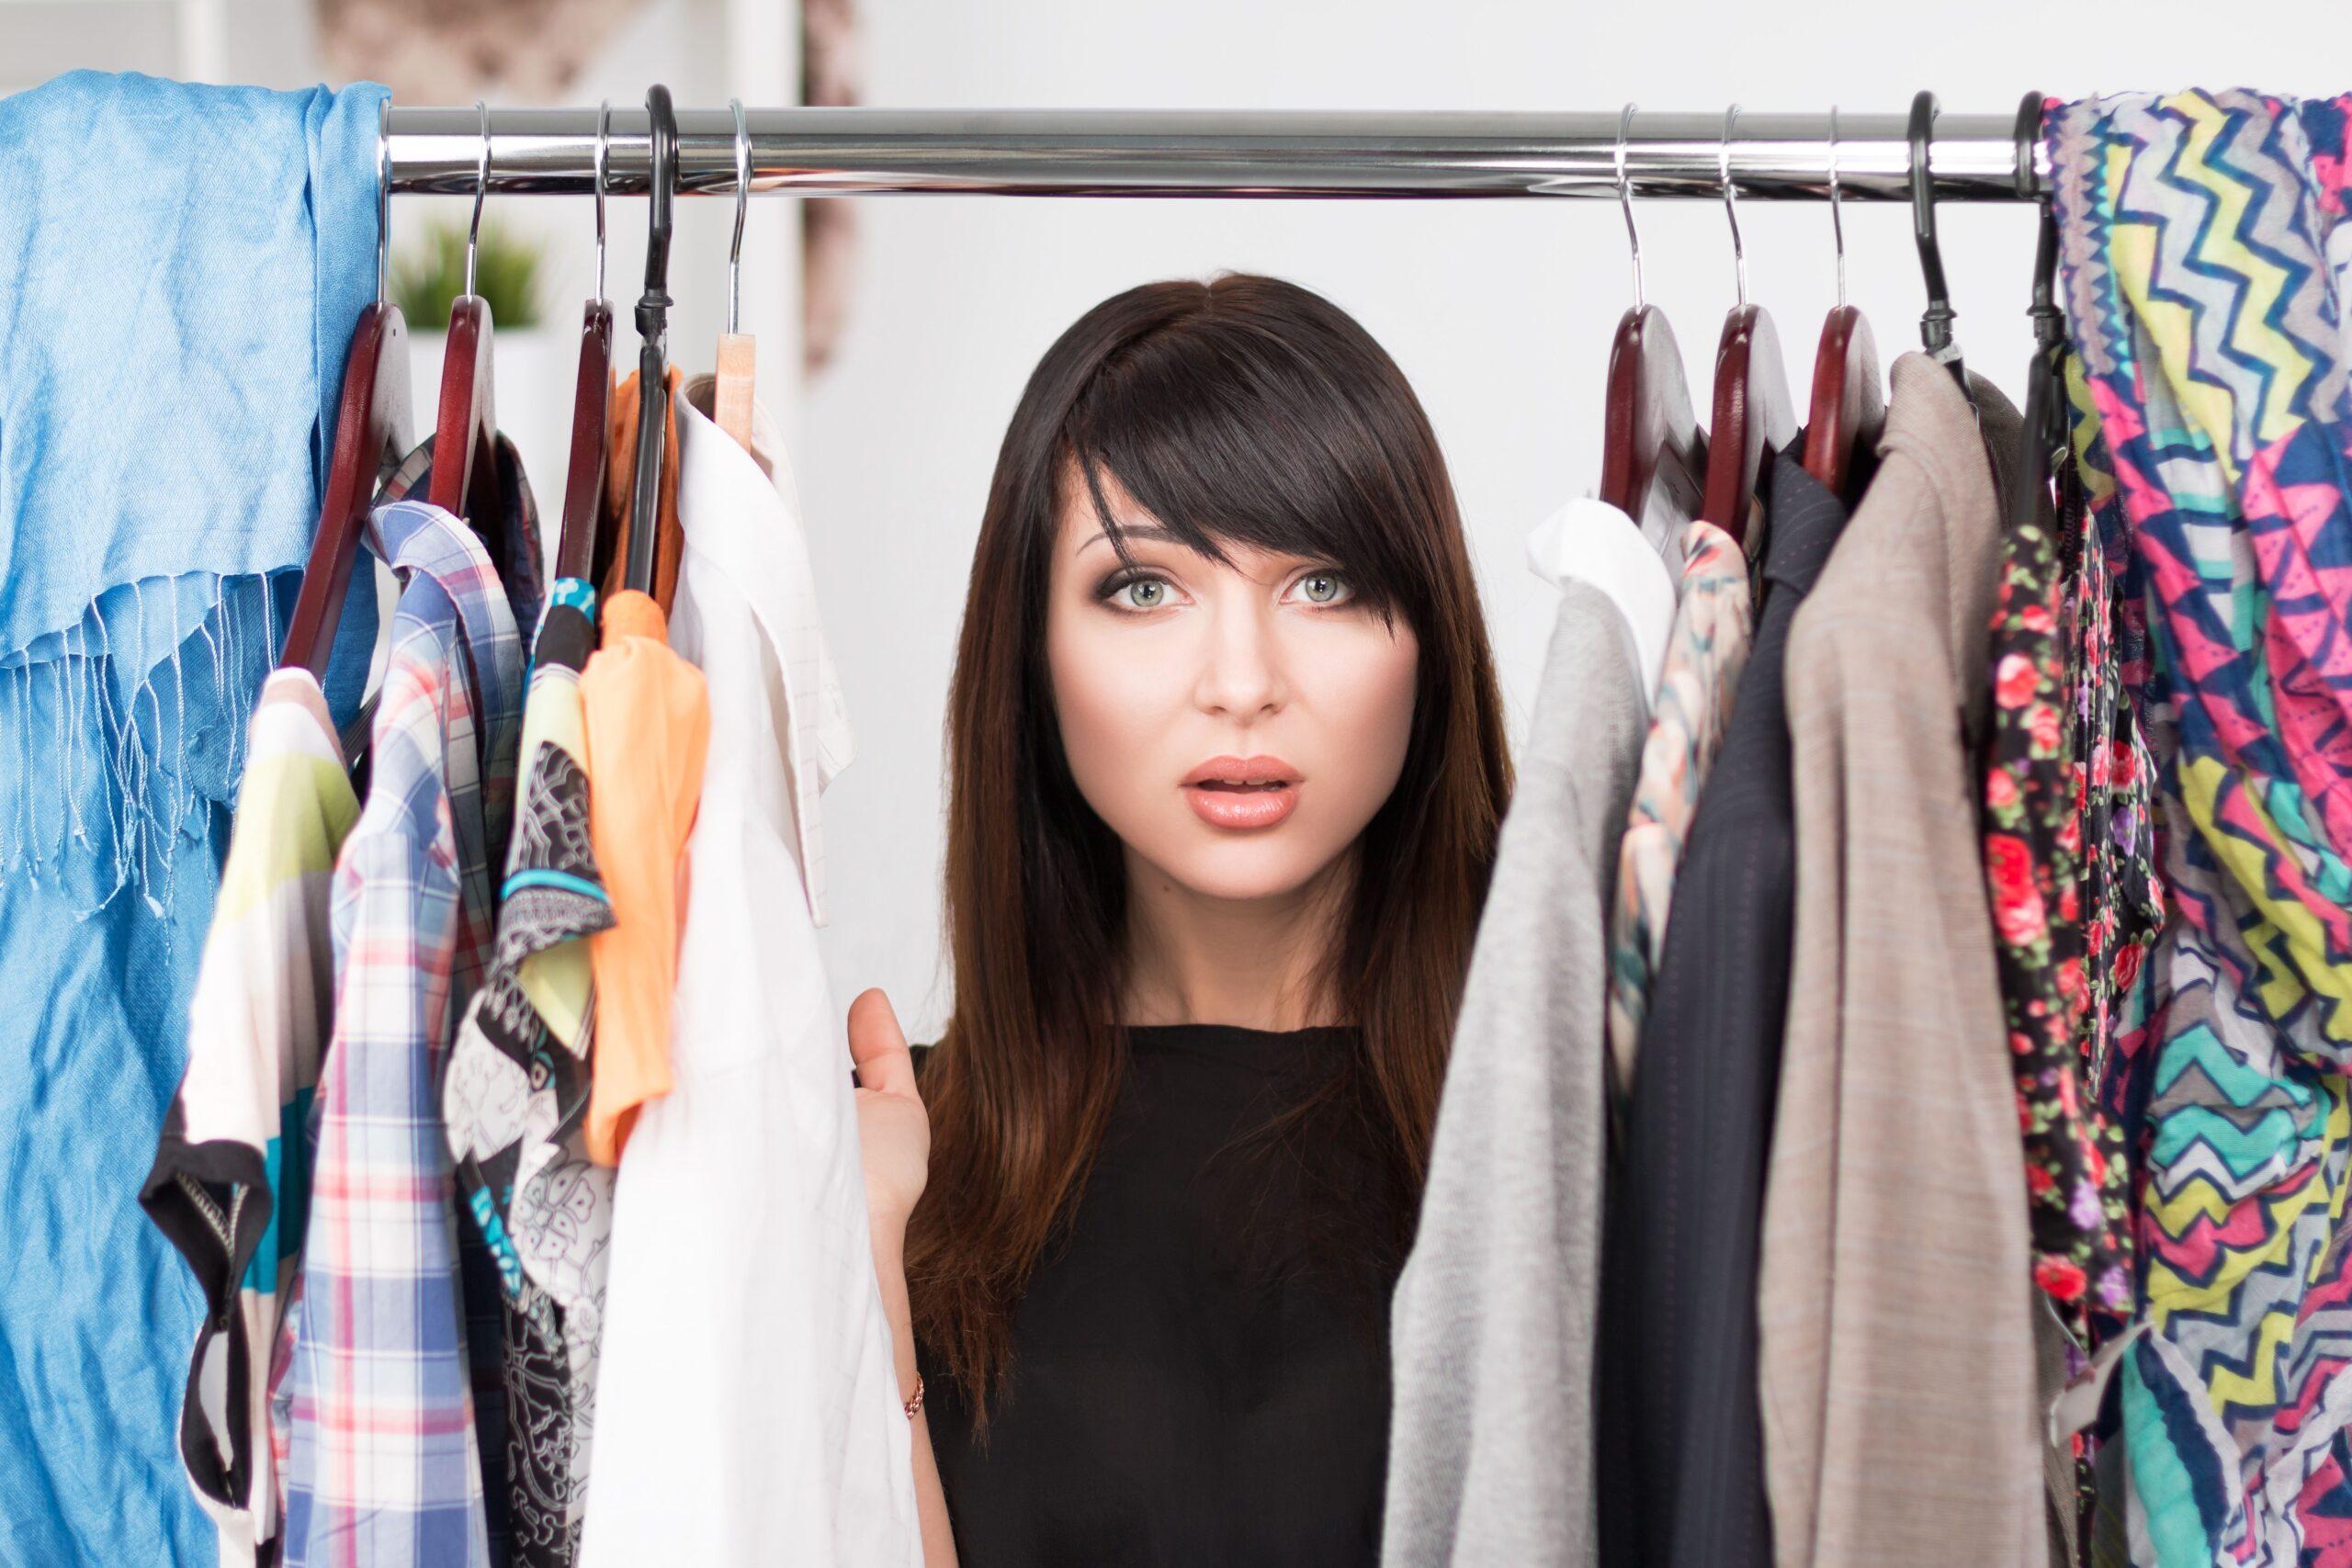 Come conservare al meglio gli abiti nell'armadio